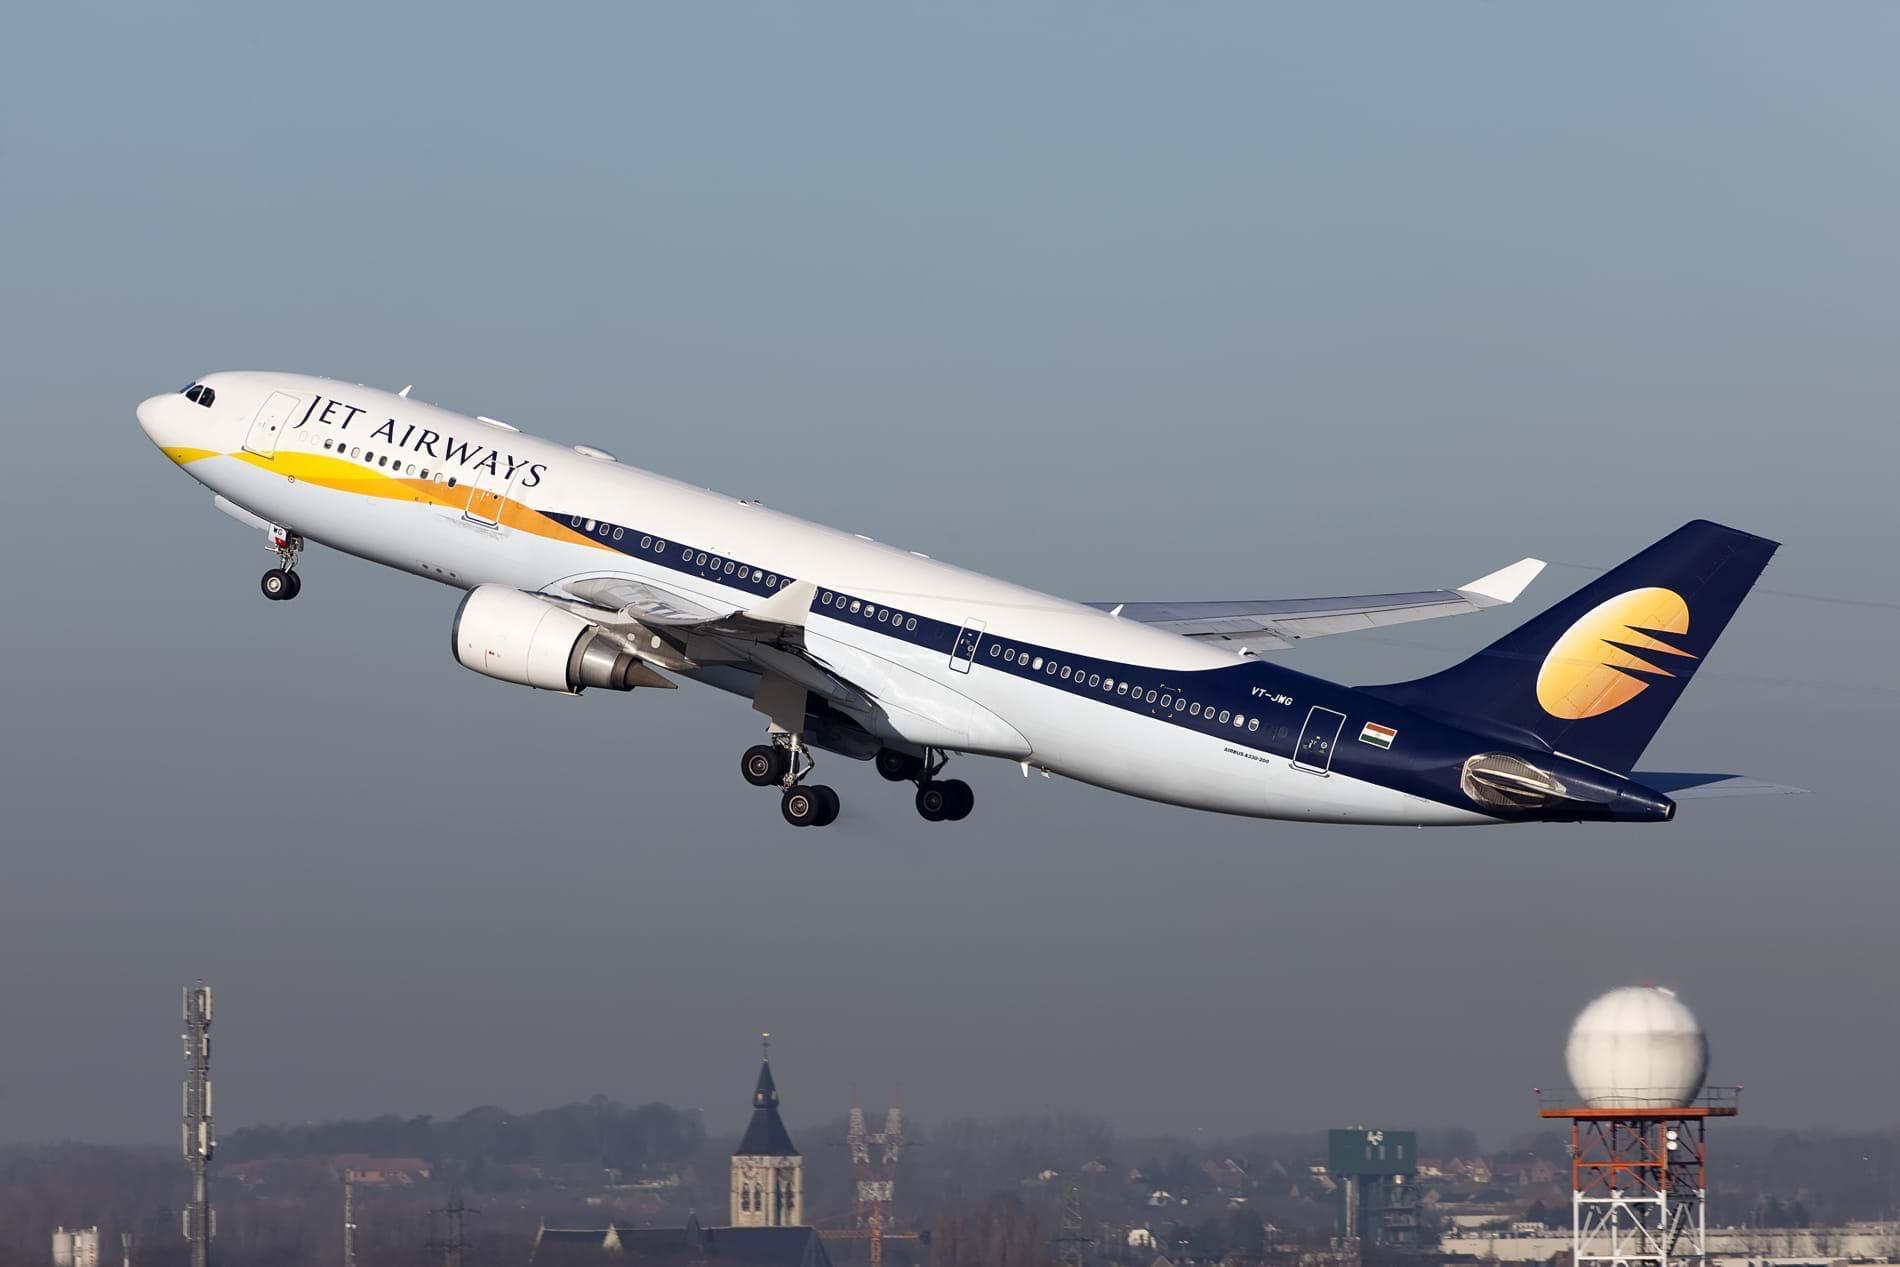 Jet Airways Air Tickets